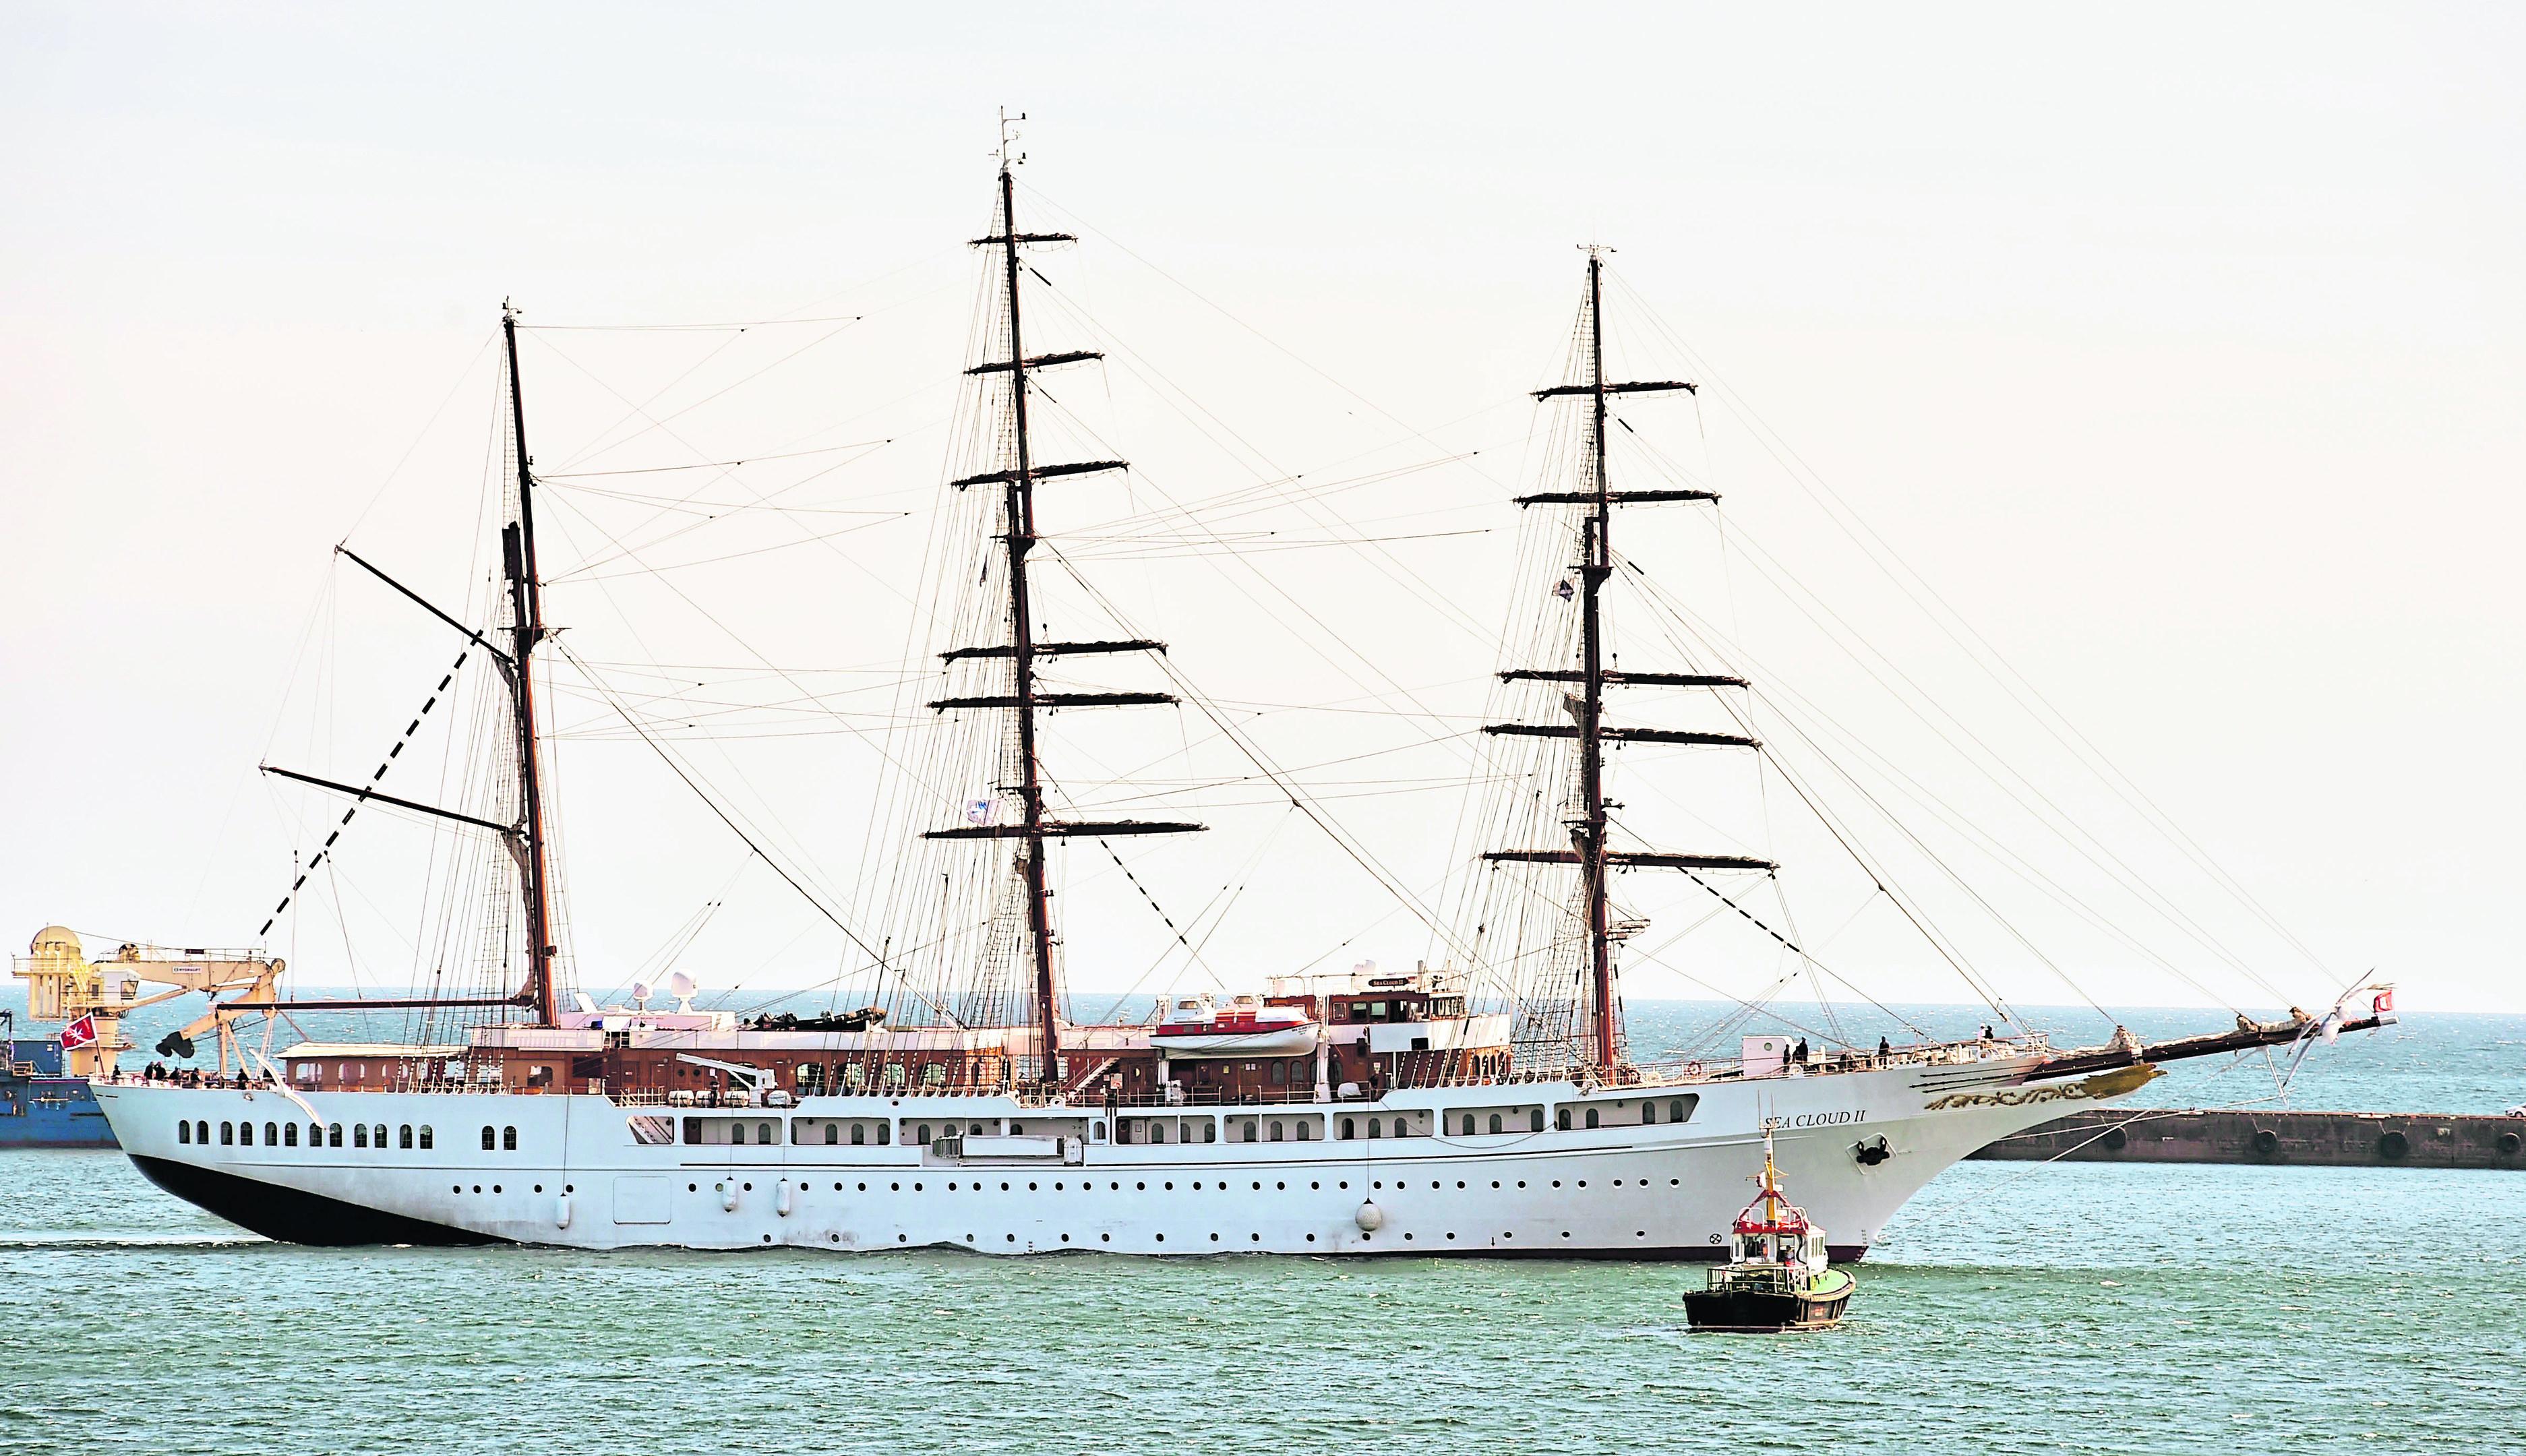 The Sea Cloud II arriving at Peterhead Harbour.